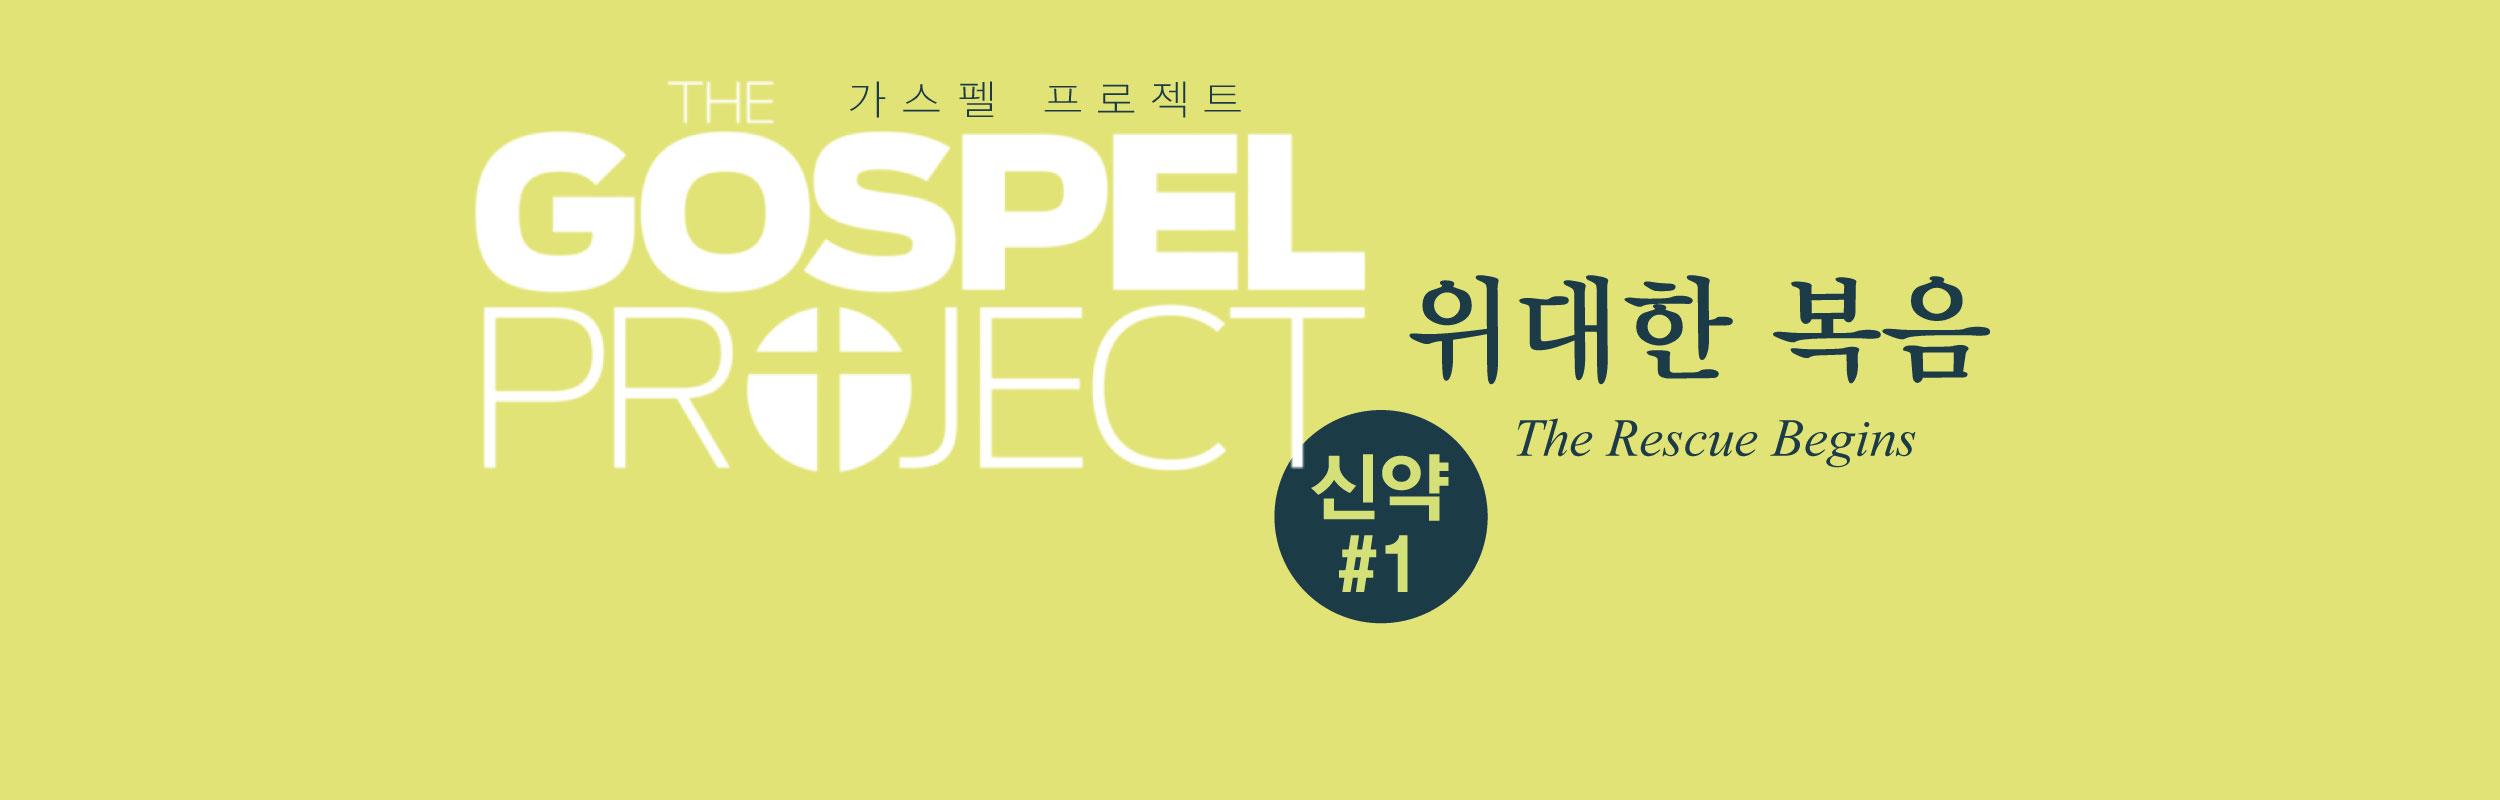 가스펠 프로젝트 신약 #1